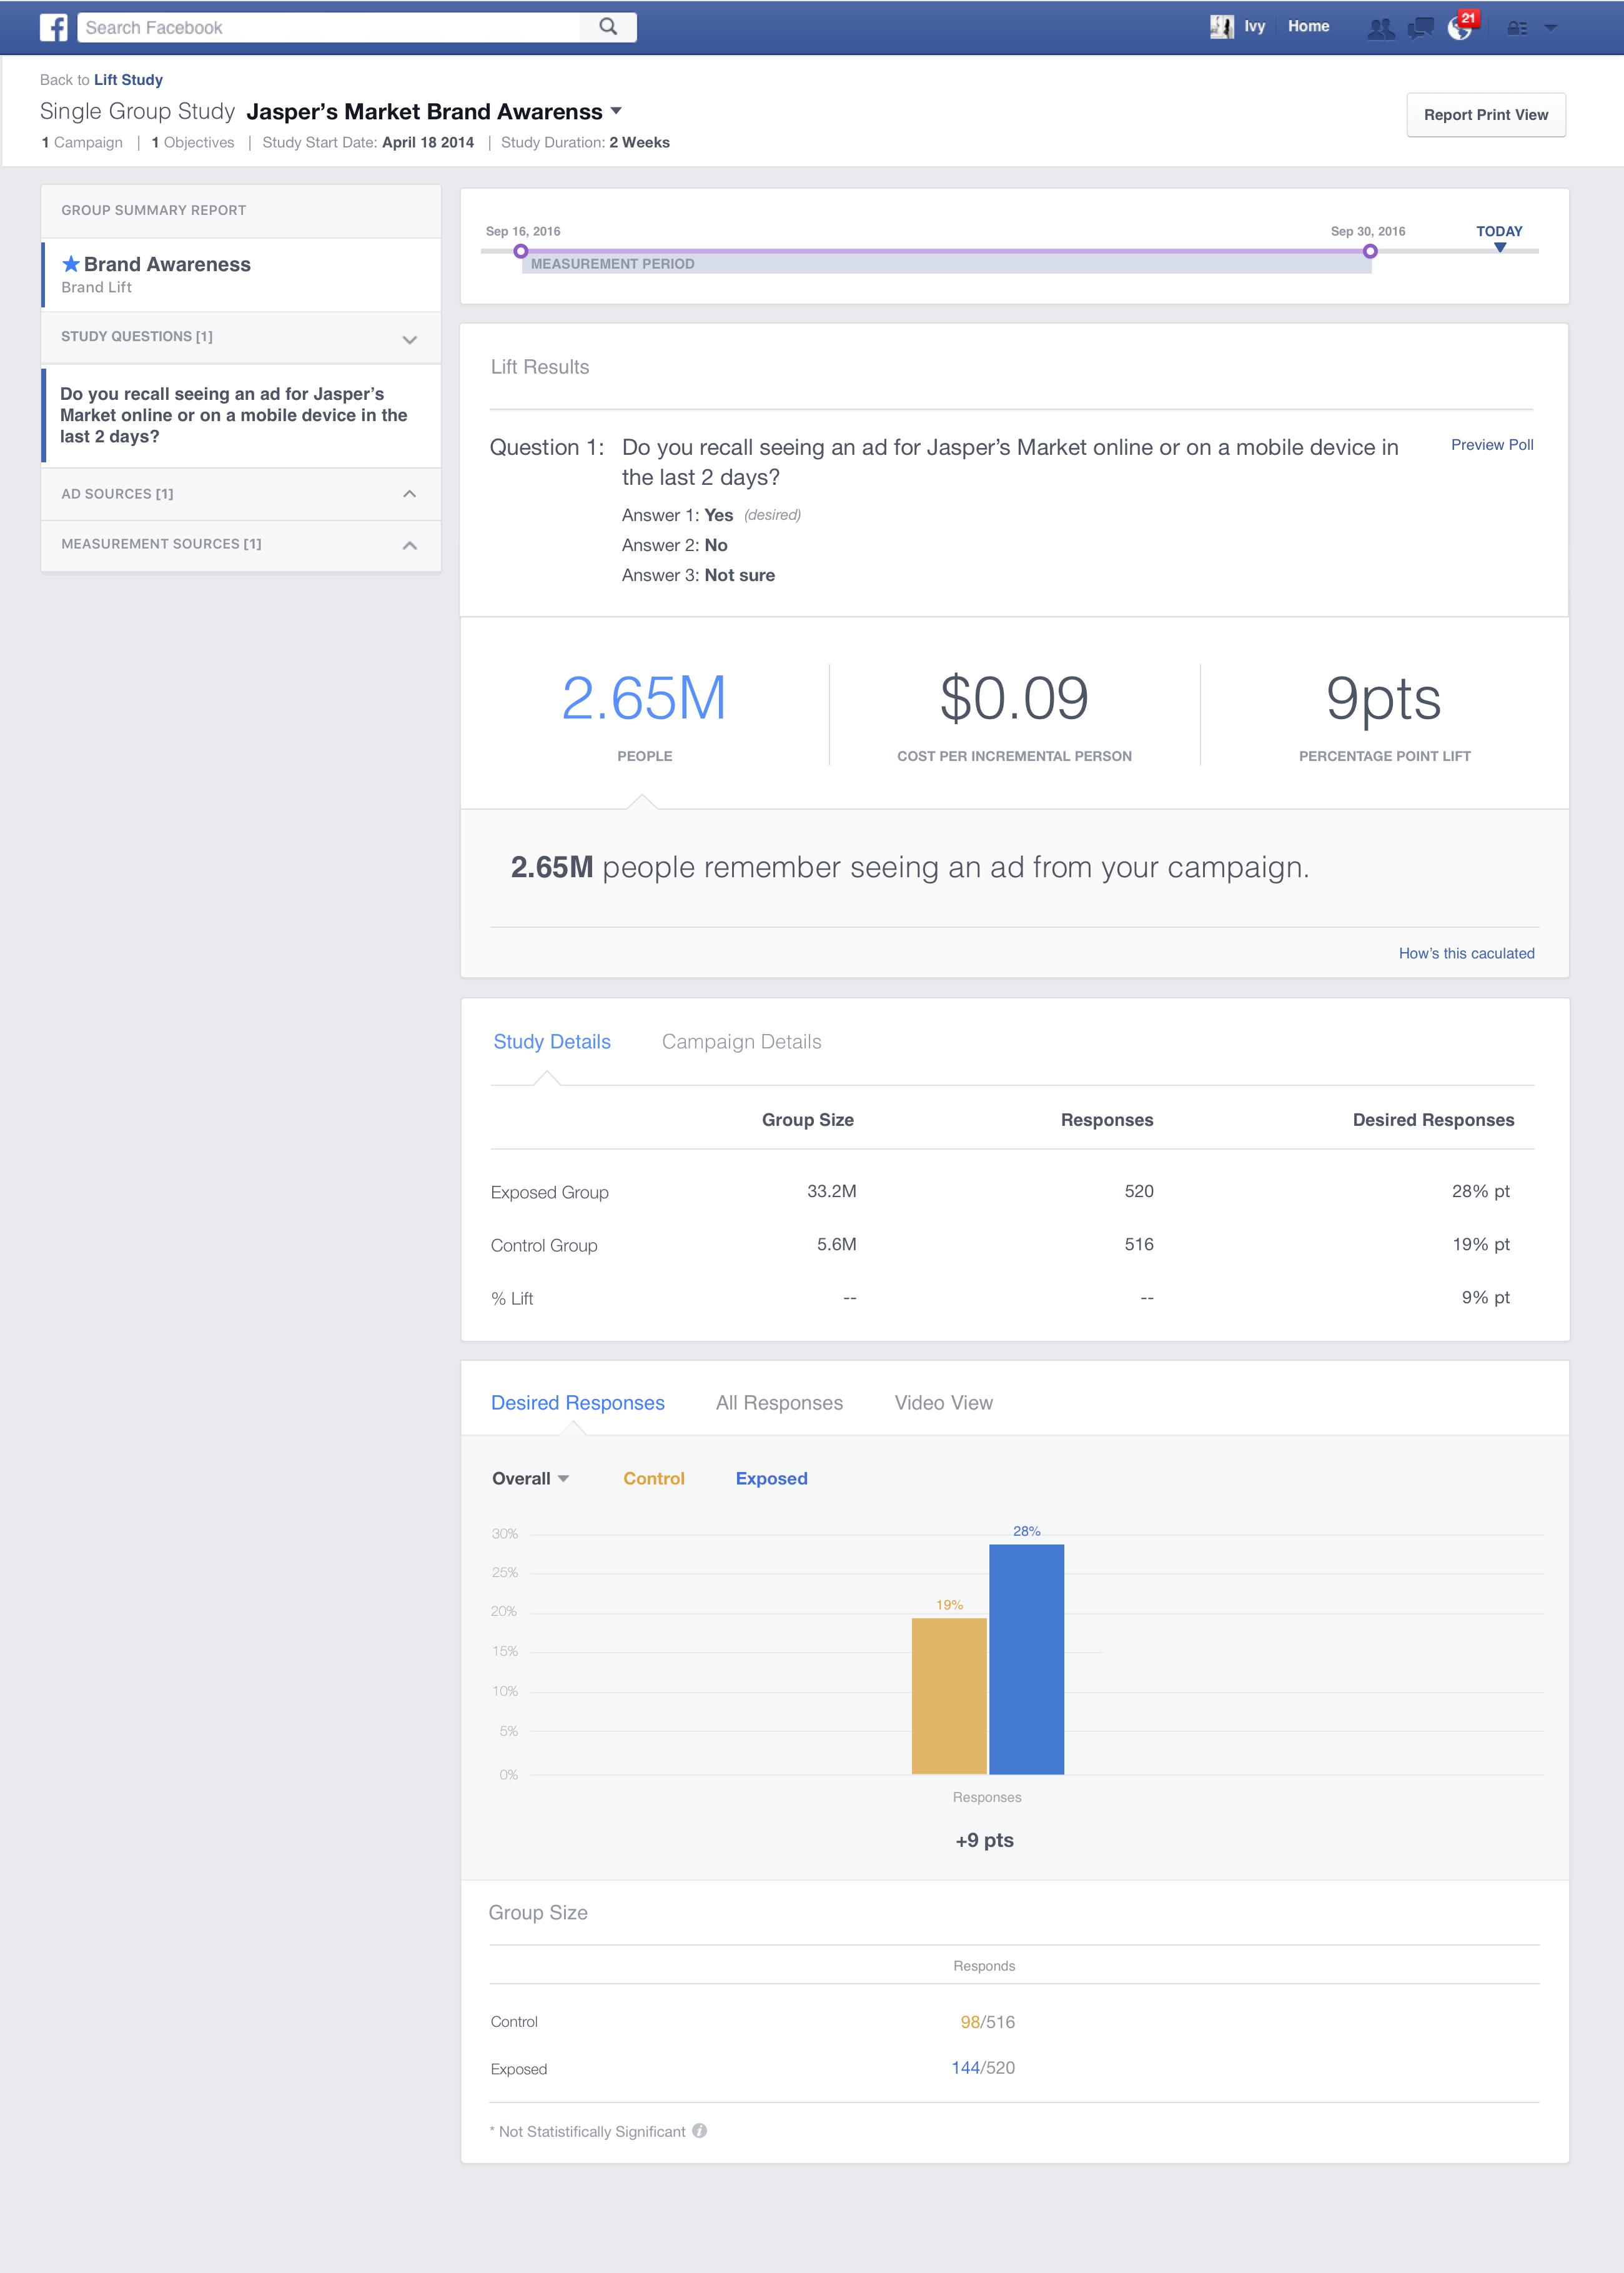 Brand Lift Survey Facebook là gì? và cách cài đặt như thế nào? 5